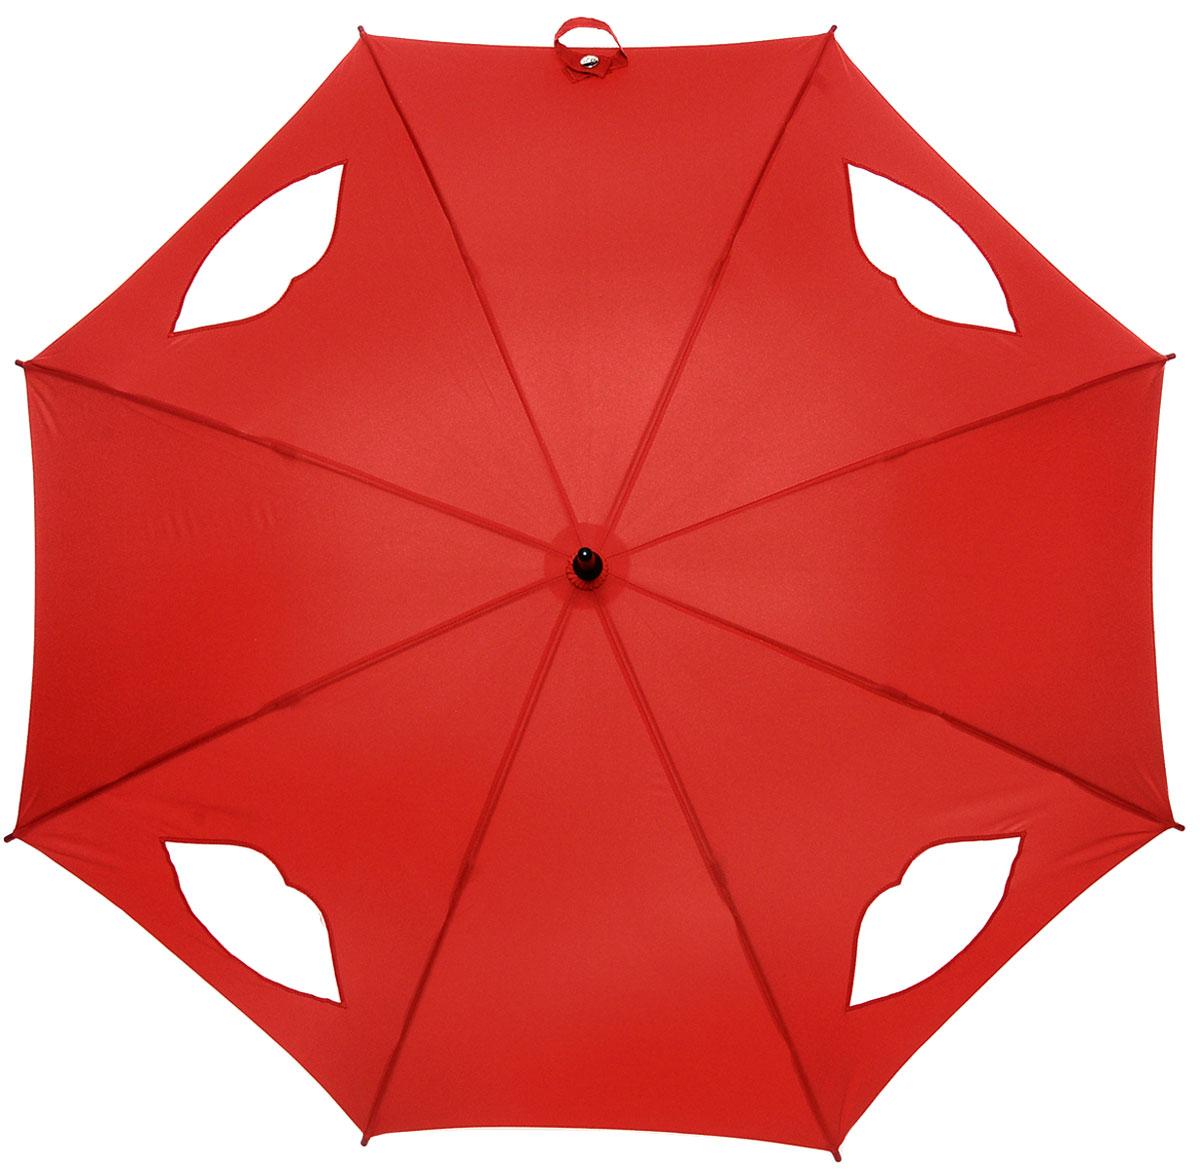 Зонт-трость женский Lulu Guinness Kensington, механический, цвет: темно-красный. L777-2785CX1516-50-10Модный механический зонт-трость Fulton Lulu Guinness даже в ненастную погоду позволит вам оставаться стильной и элегантной. Каркас зонта состоит из 8 спиц и стержня из фибергласса. Купол зонта выполнен из прочного полиэстера и оформлен вставками в виде губ, которые выполнены из полупрозрачного материала. Изделие оснащено удобной рукояткой из дерева.Зонт механического сложения: купол открывается и закрывается вручную до характерного щелчка.Модель закрывается при помощи хлястика на кнопке.Такой зонт не только надежно защитит вас от дождя, но и станет стильным аксессуаром, который идеально подчеркнет ваш неповторимый образ.